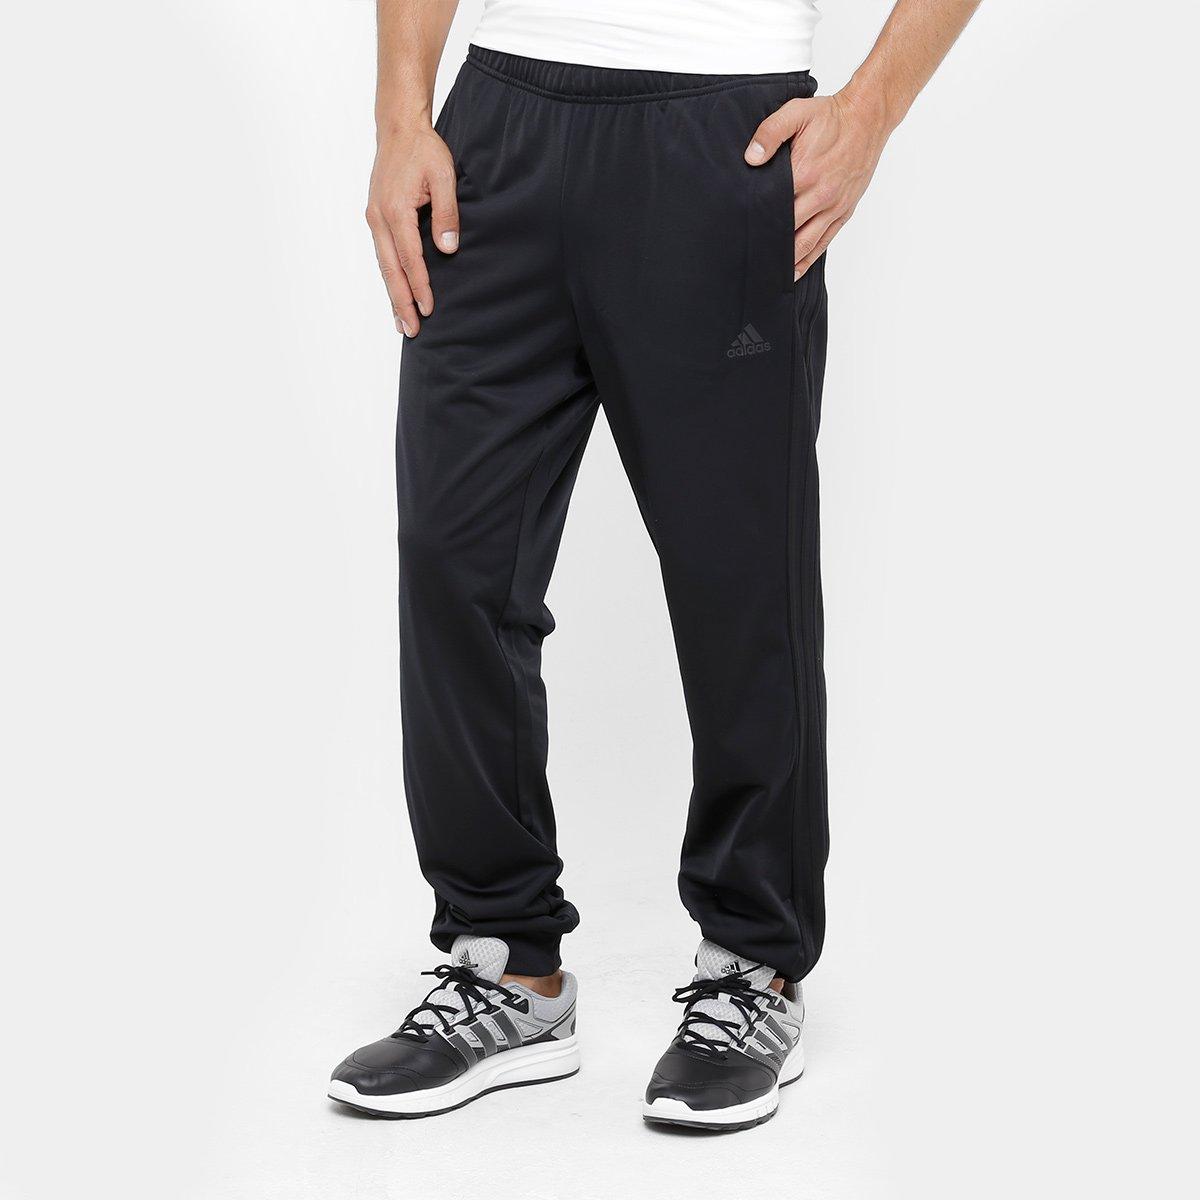 a410b44c9d054 Calça Adidas Ess 3S Masculina - Preto - Compre Agora